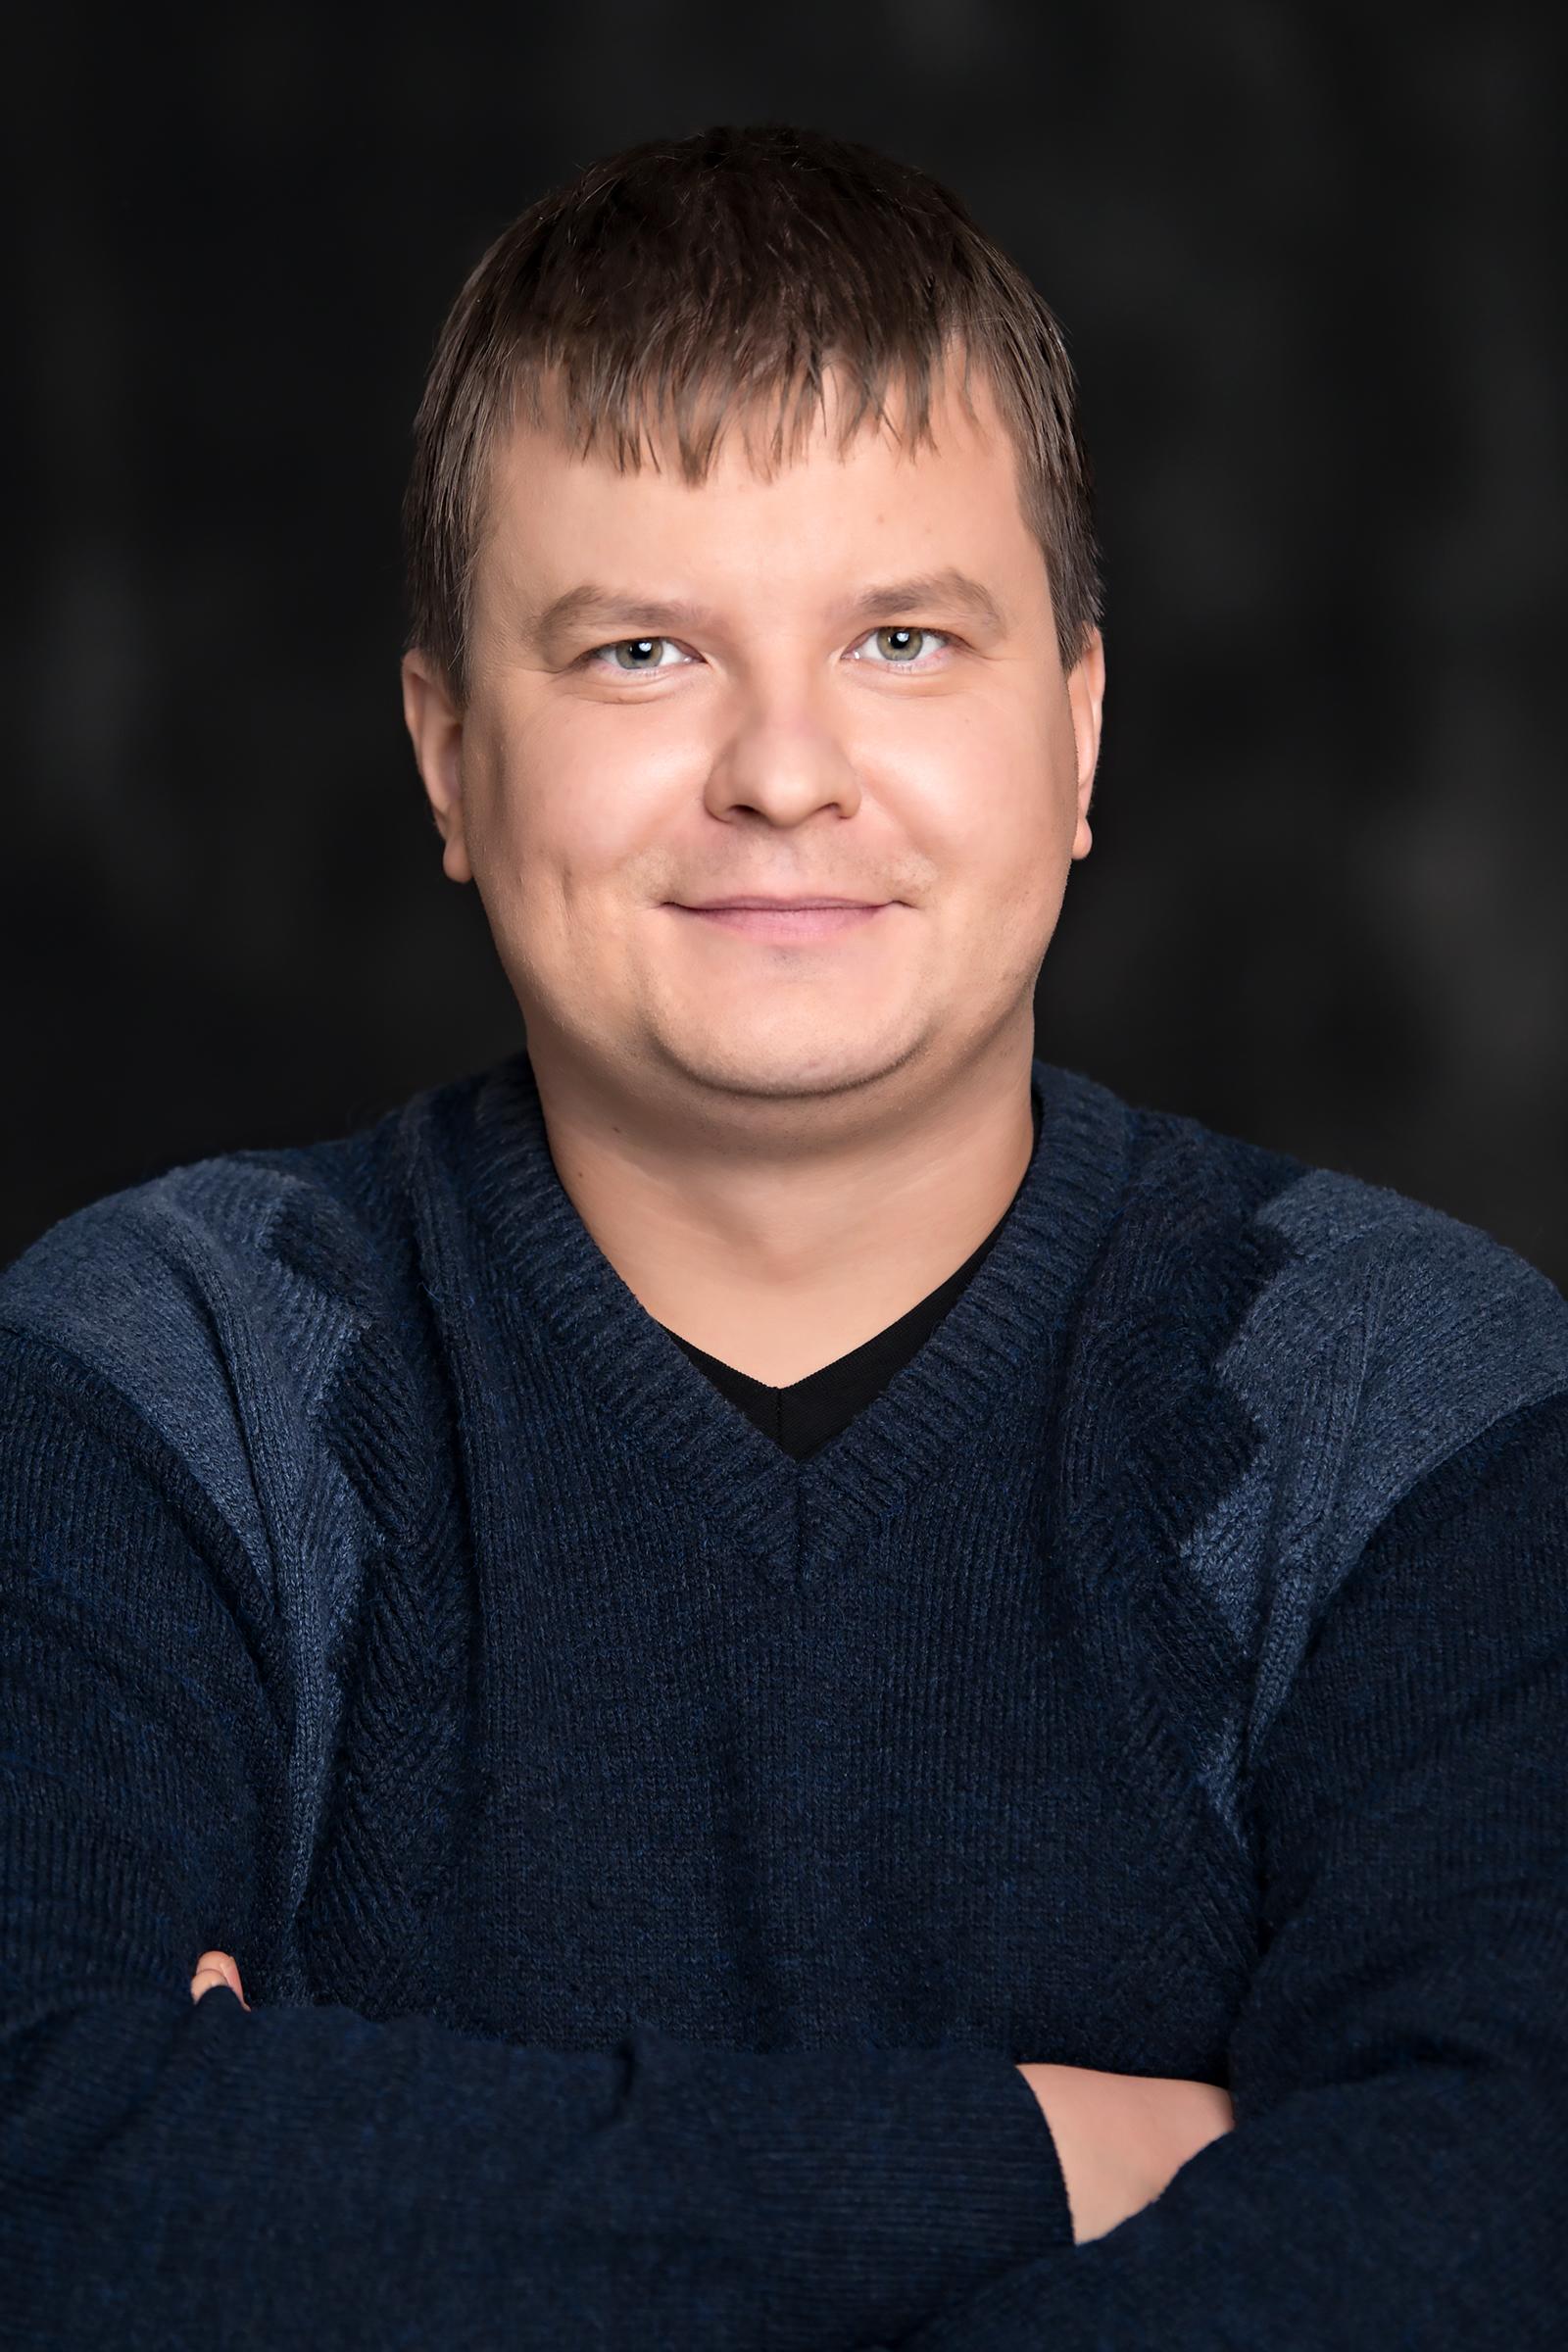 Rytis Paškevičius